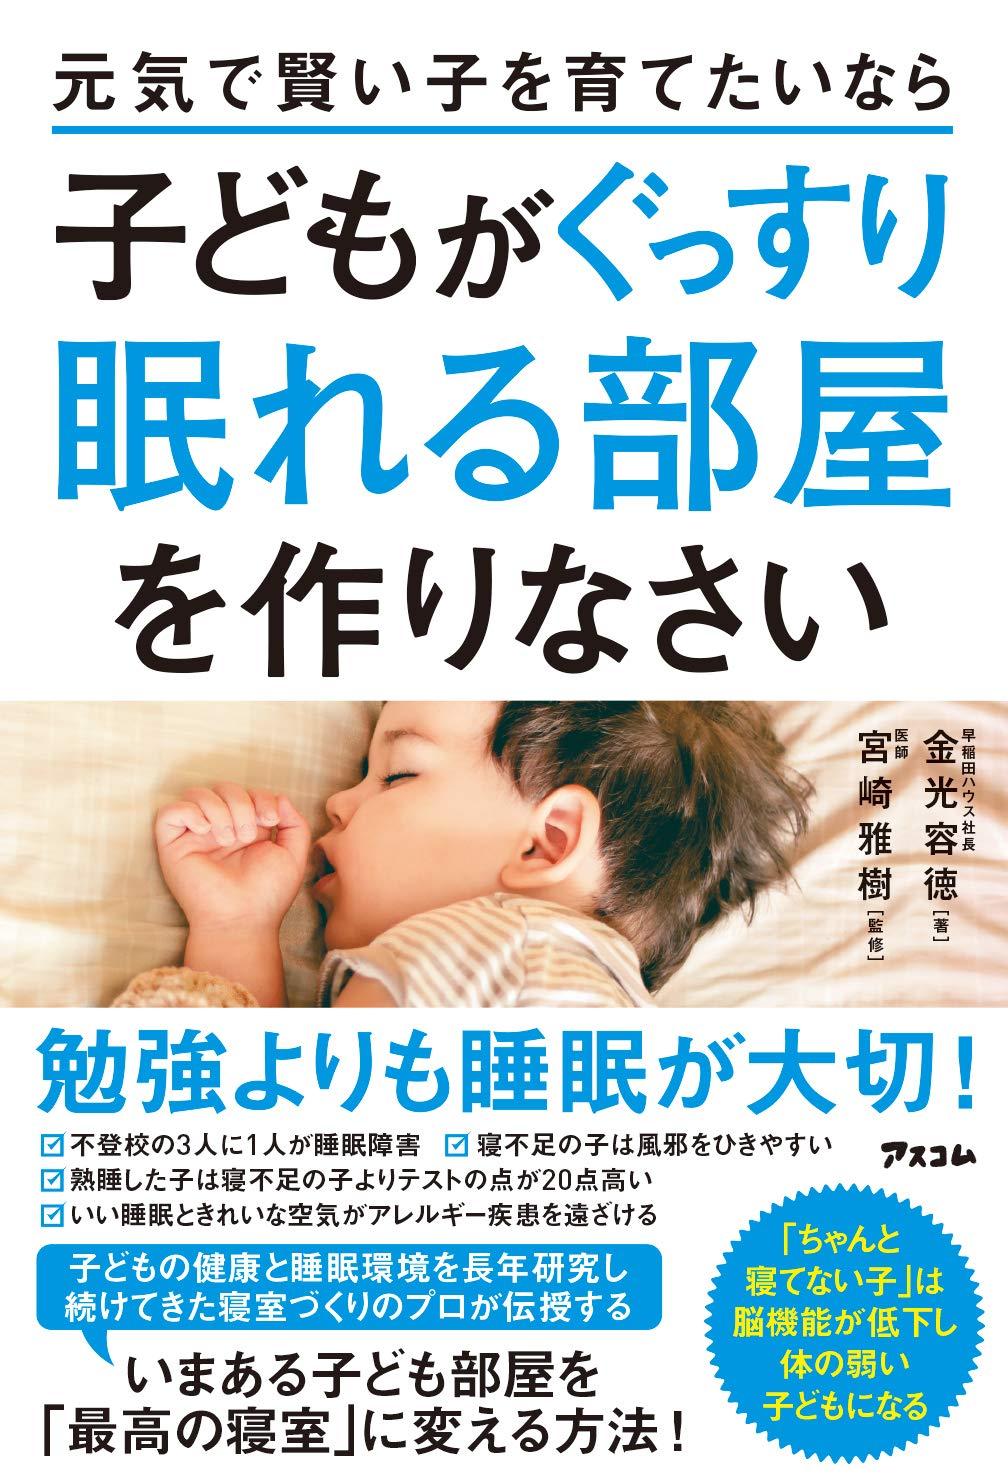 元気で賢い子を育てたいなら子どもがぐっすり眠れる部屋を作りなさい ...